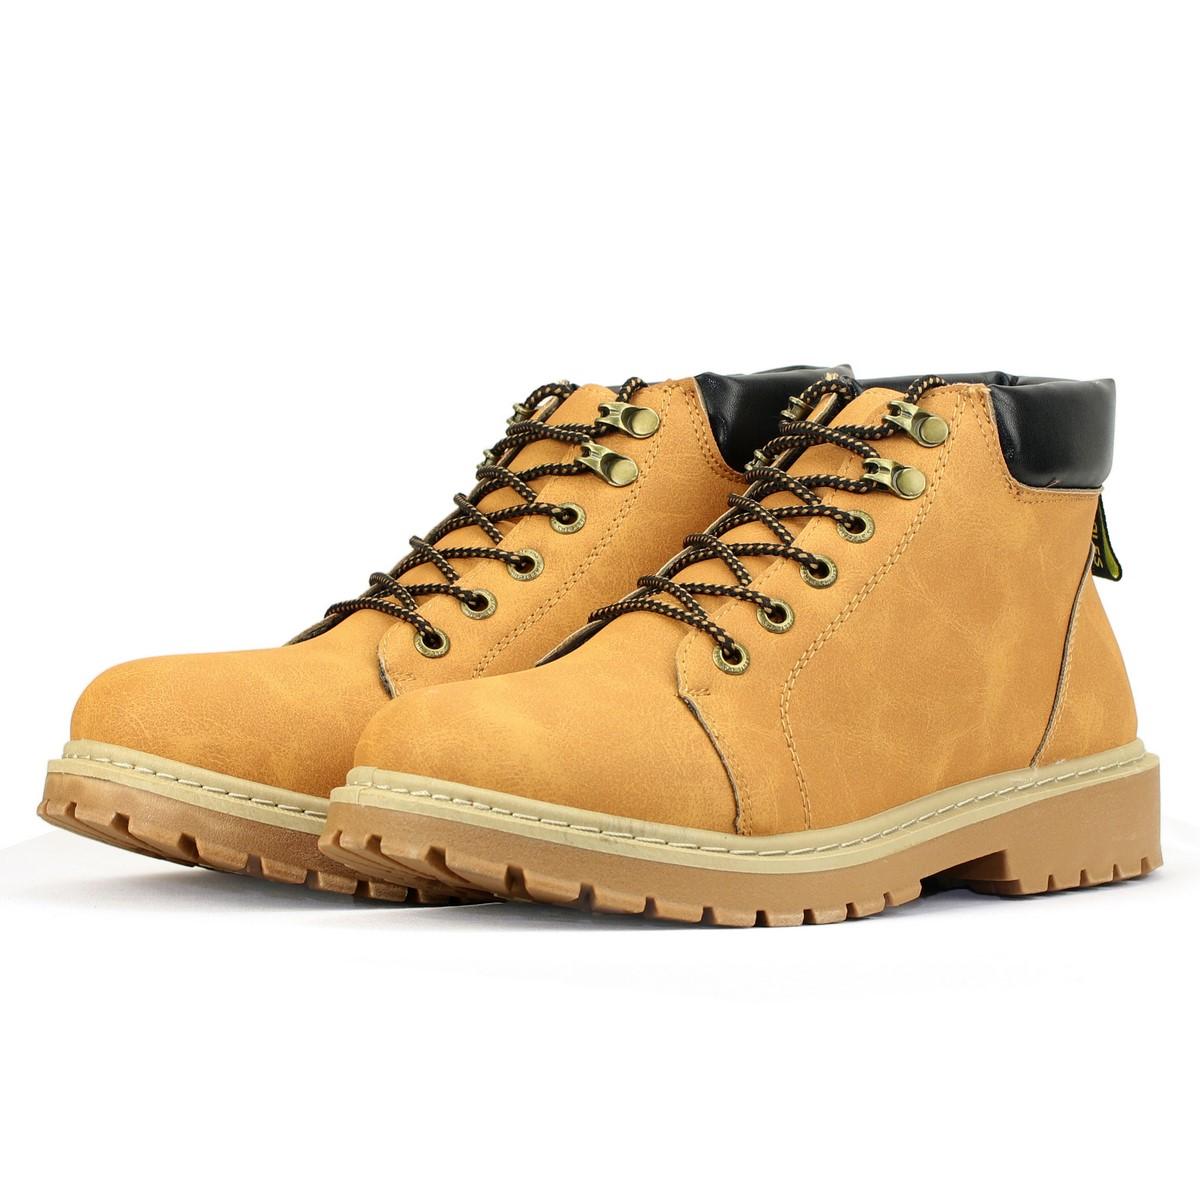 Giày Boots Cổ Cao Phong Cách Thời Trang BCC004 Nam Màu Nâu